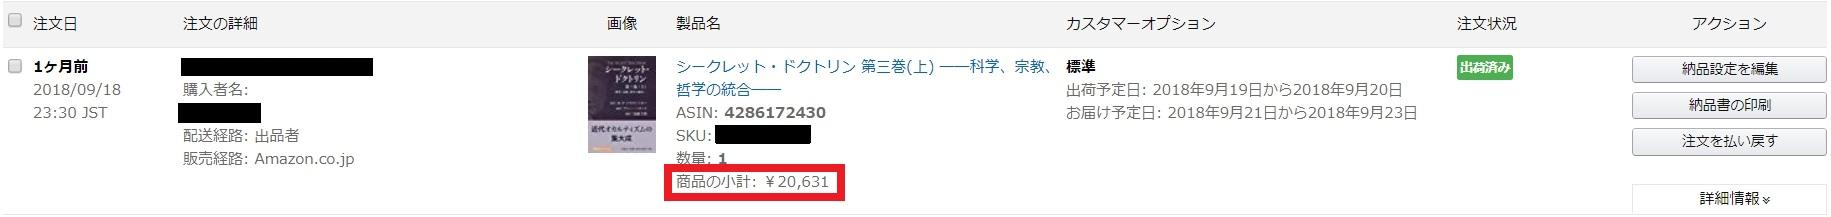 たった1冊、2万円以上で売れた文庫本はコレ!!